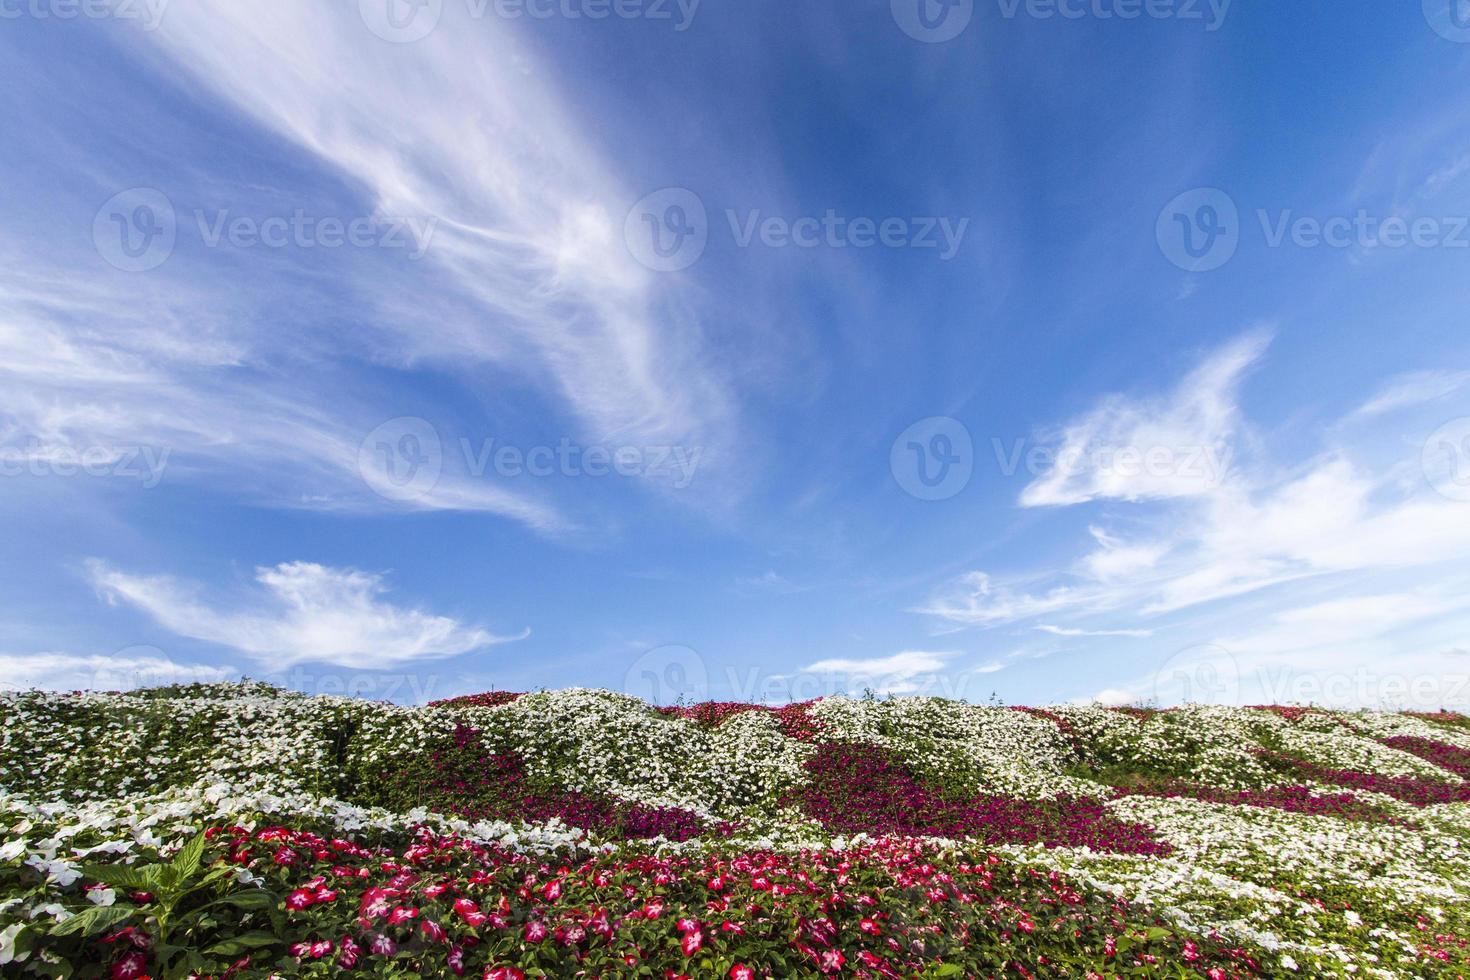 bloem veld met blauwe hemel foto